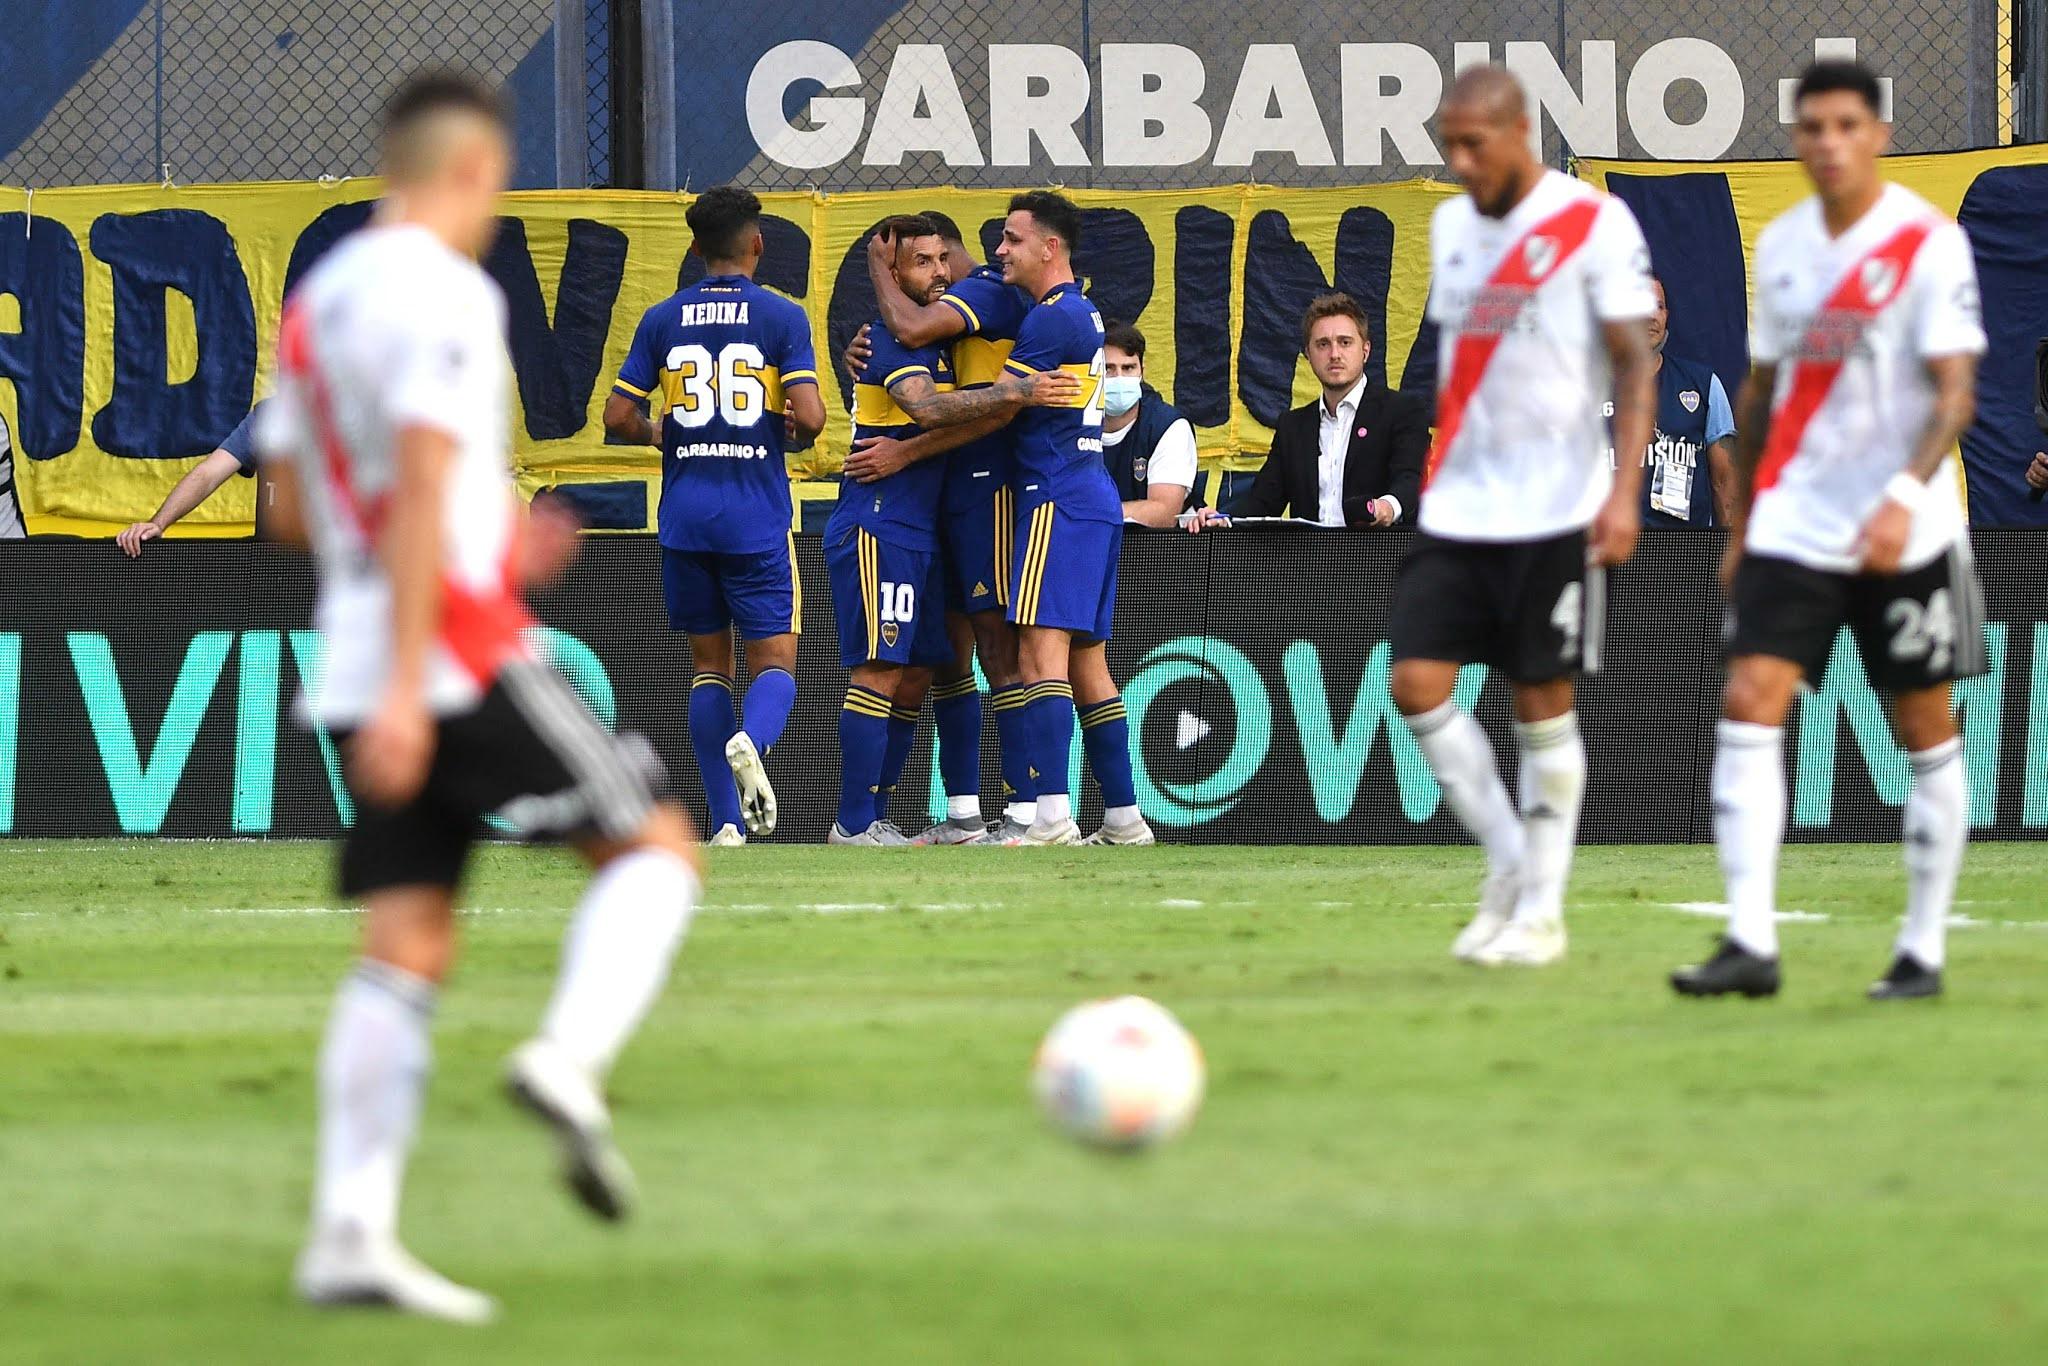 FOTOS: Las mejores imágenes del empate 1-1 de Boca frente a River